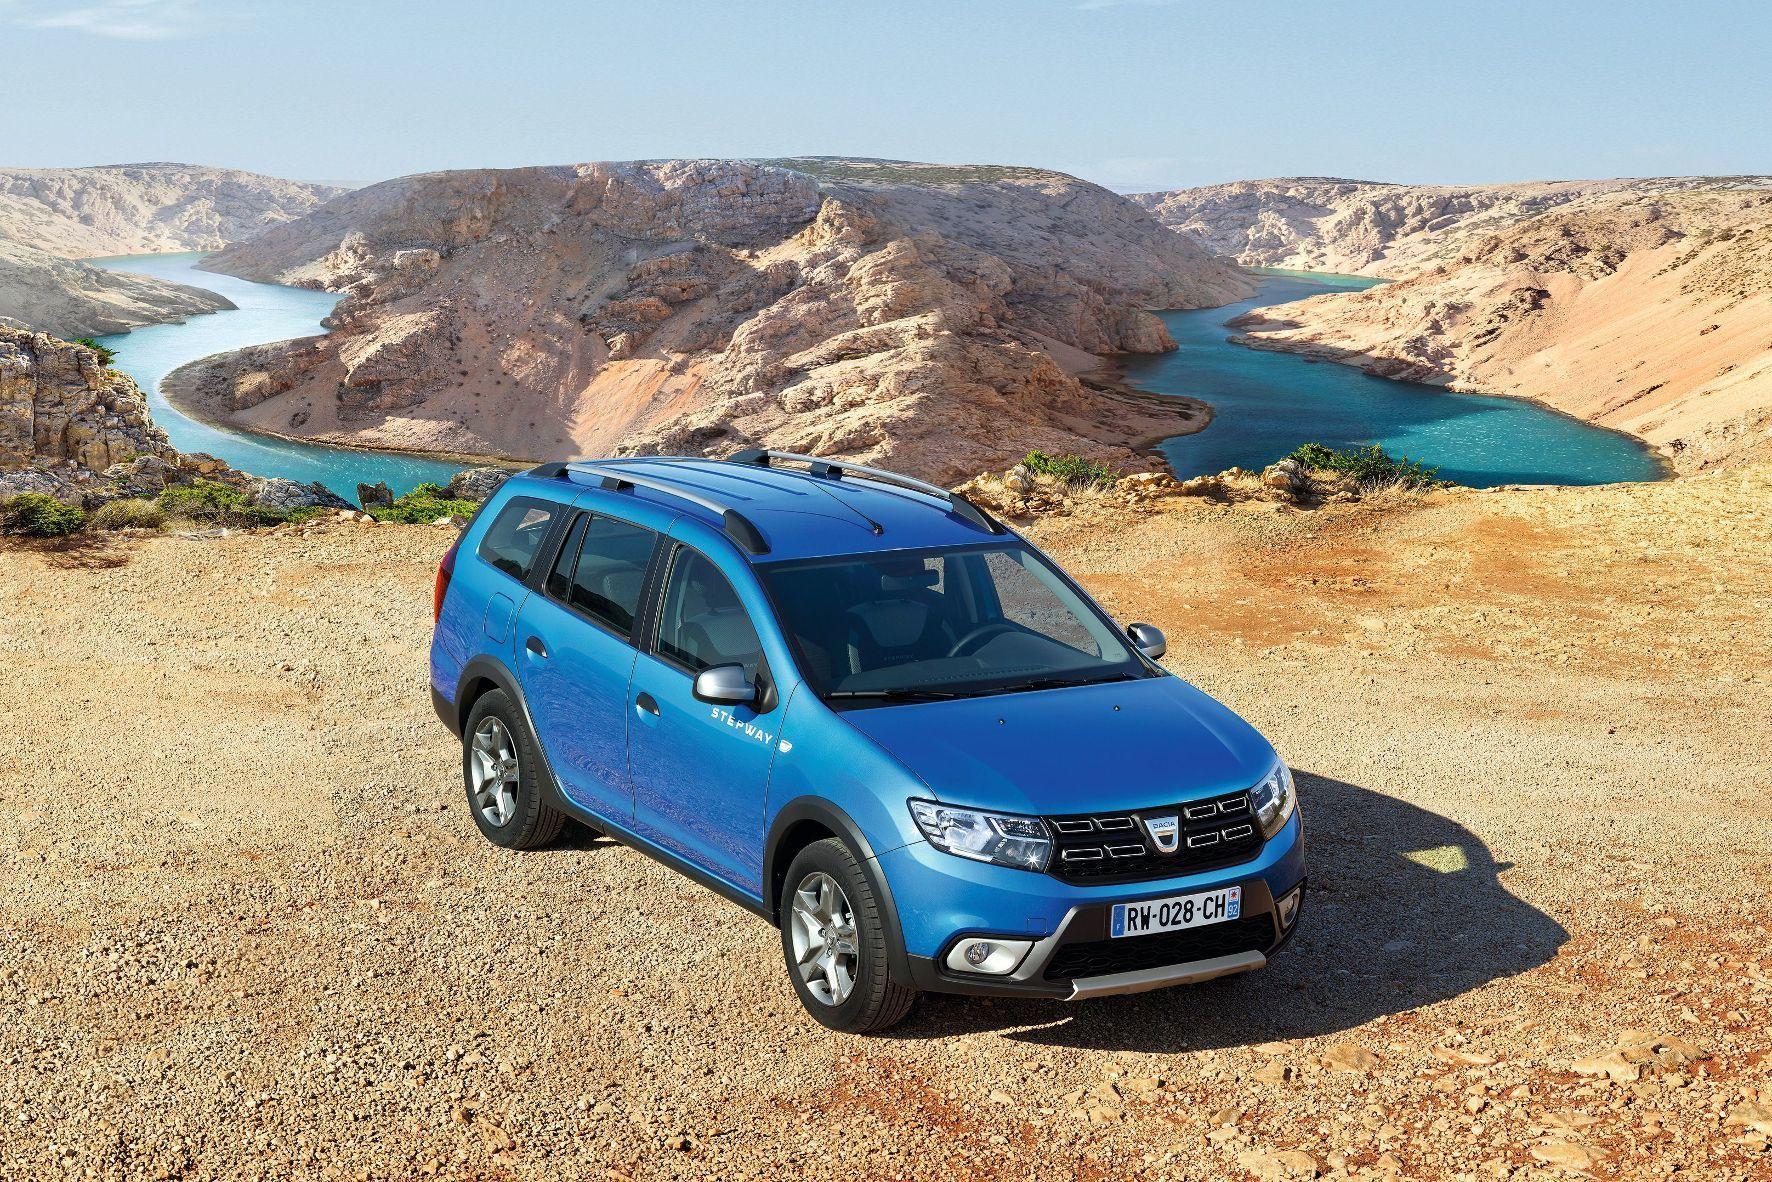 mid Groß-Gerau - Neues Modell für Abenteurer: Dacia präsentiert beim Genfer Autosalon den Mittelklasse-Kombi Logan MCV als Offroad-Variante.